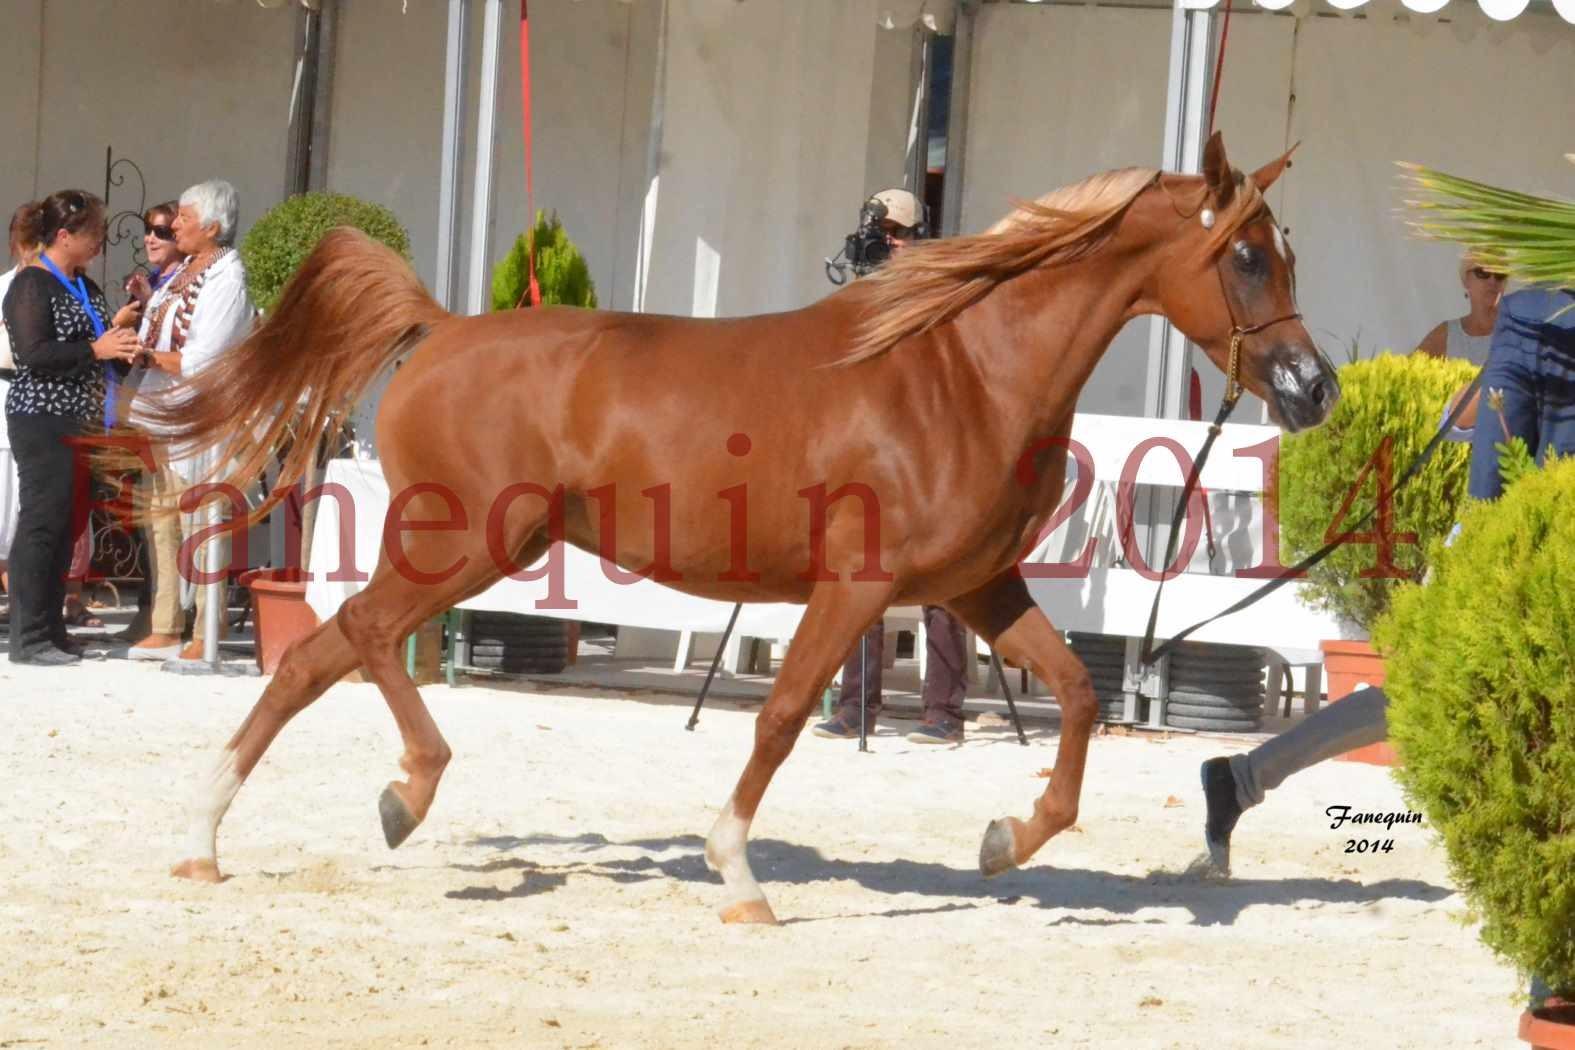 Concours National de Nîmes de chevaux ARABES 2014 - Notre Sélection - MASSAI DE BARREL - 08